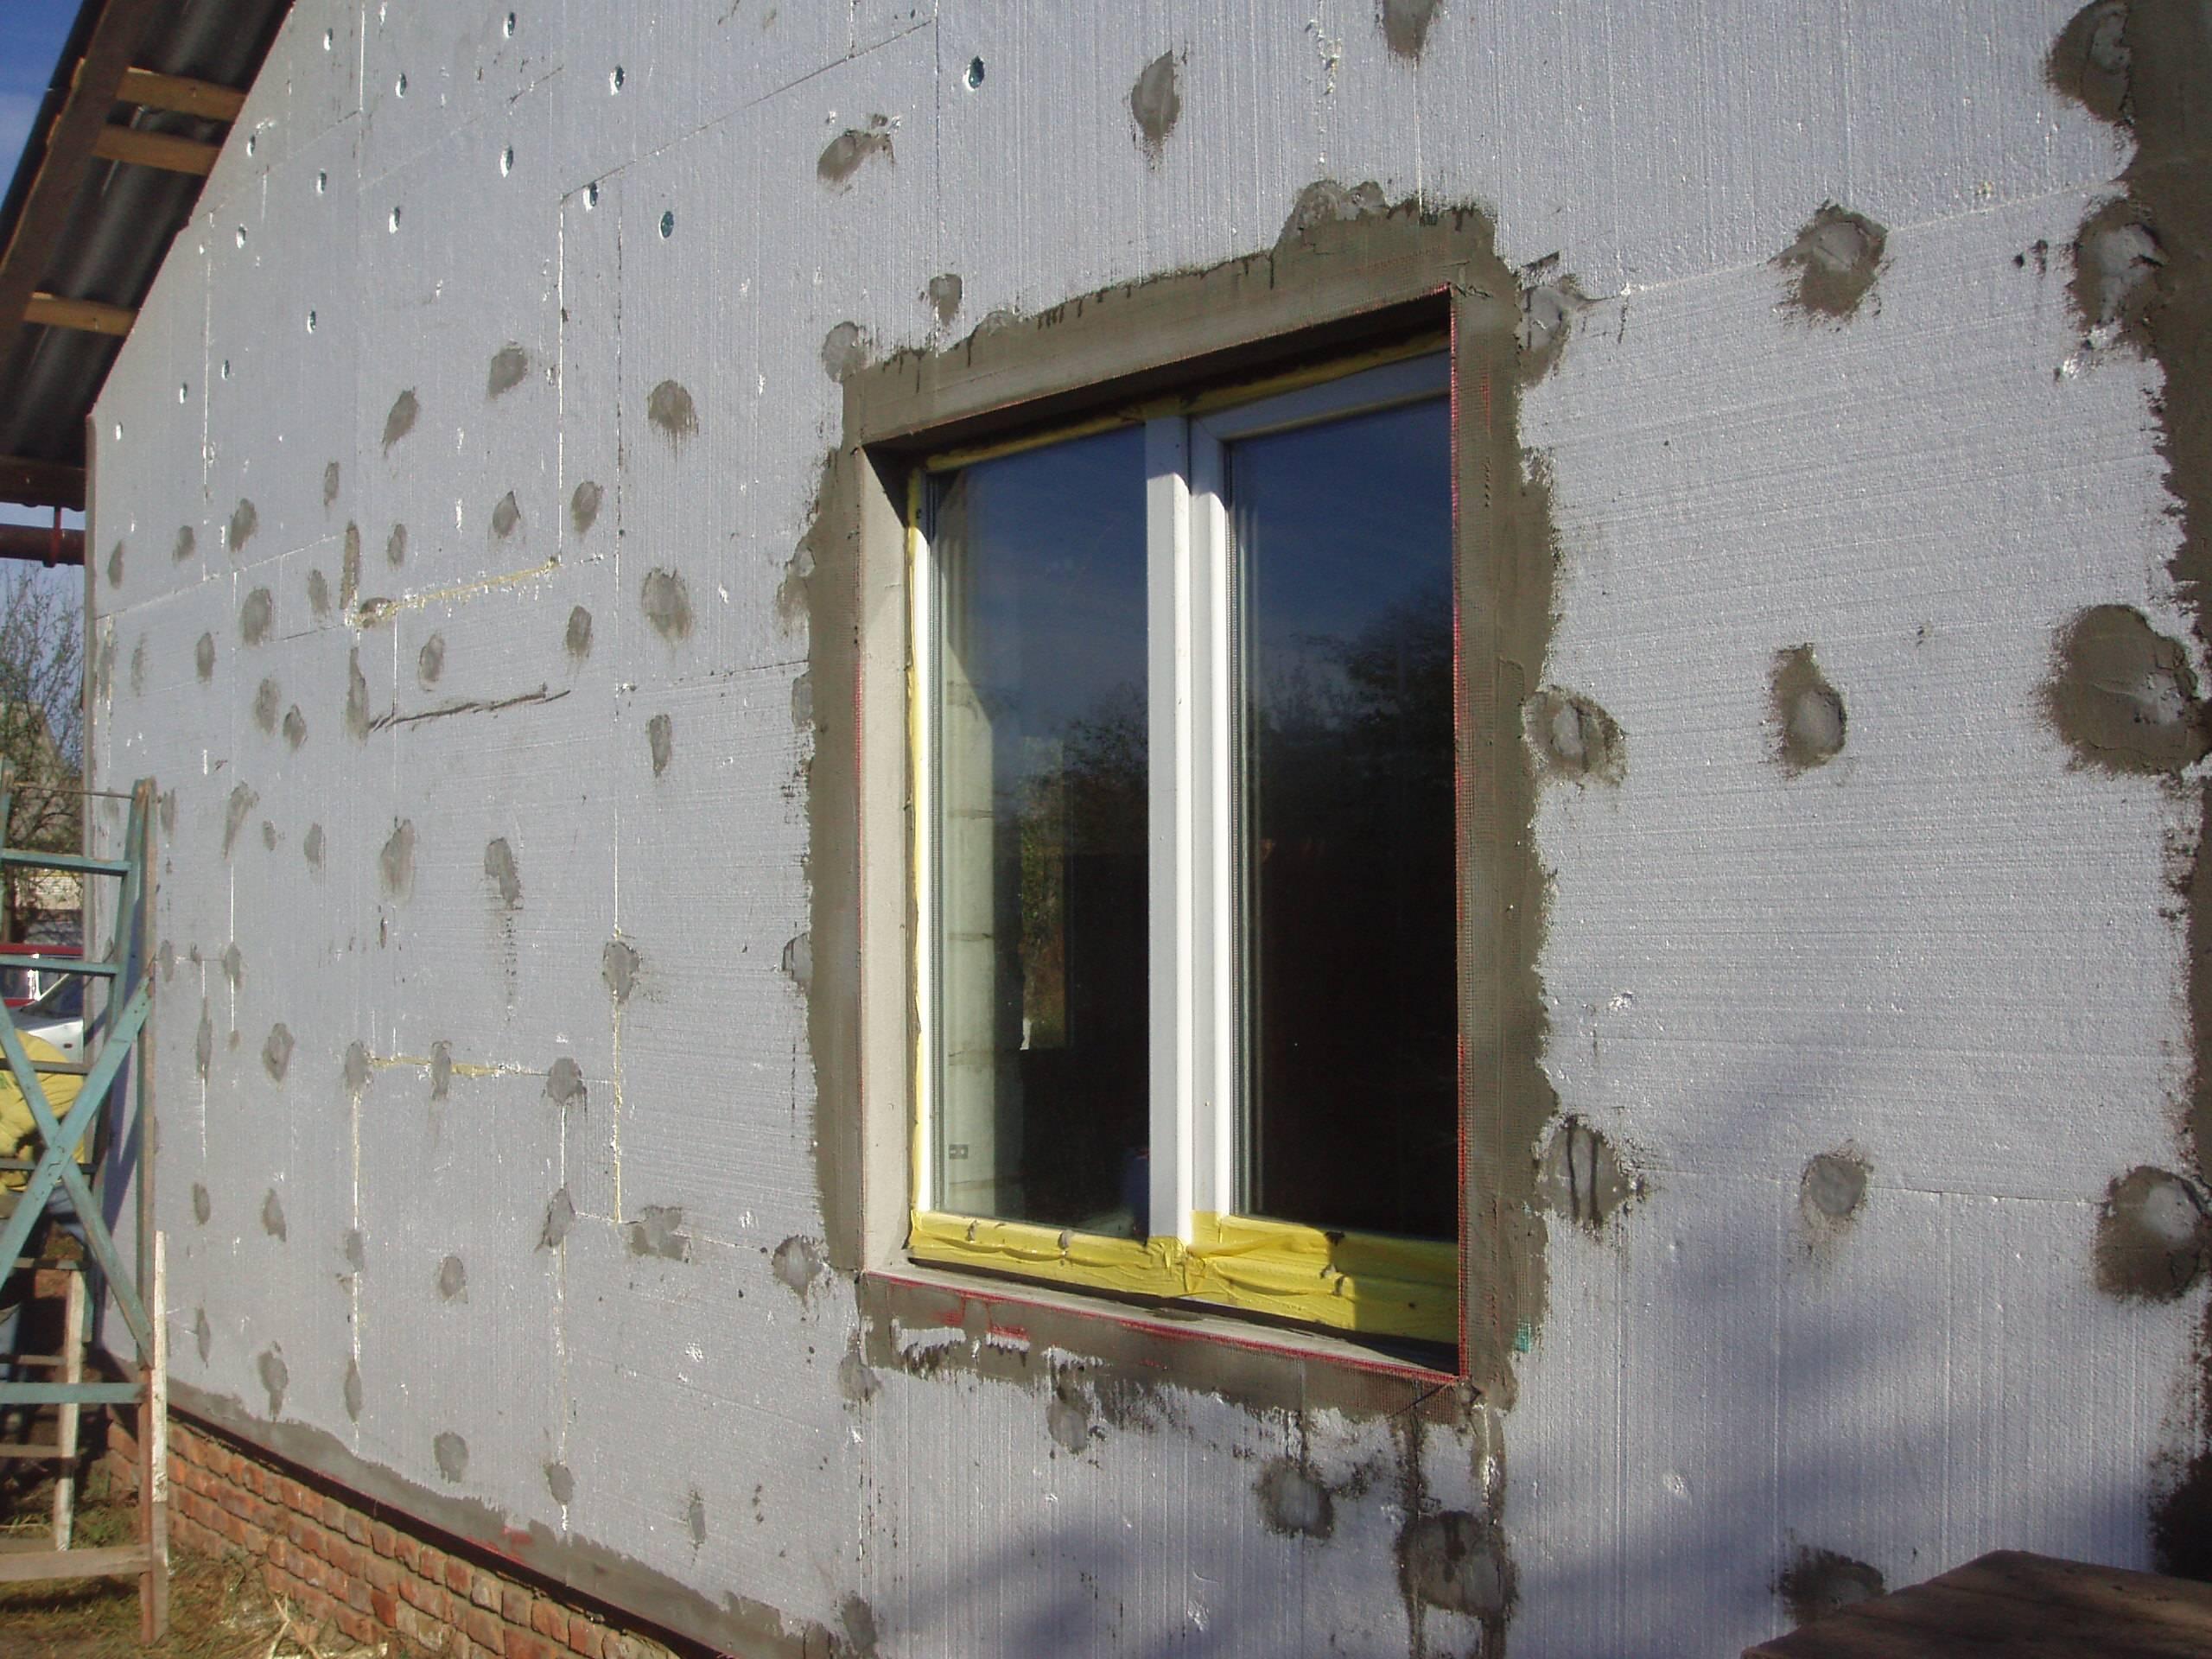 Толщина пенопласта для утепления стен снаружи своими руками, плюсы и минусы материала